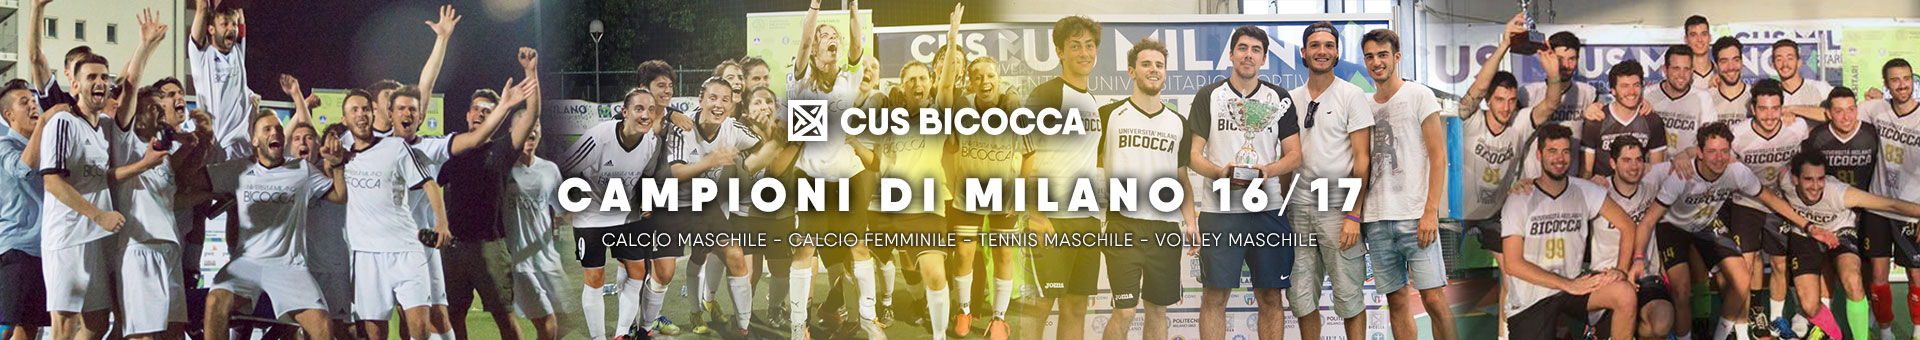 CUS Bicocca - Campioni di Milano 2016/17